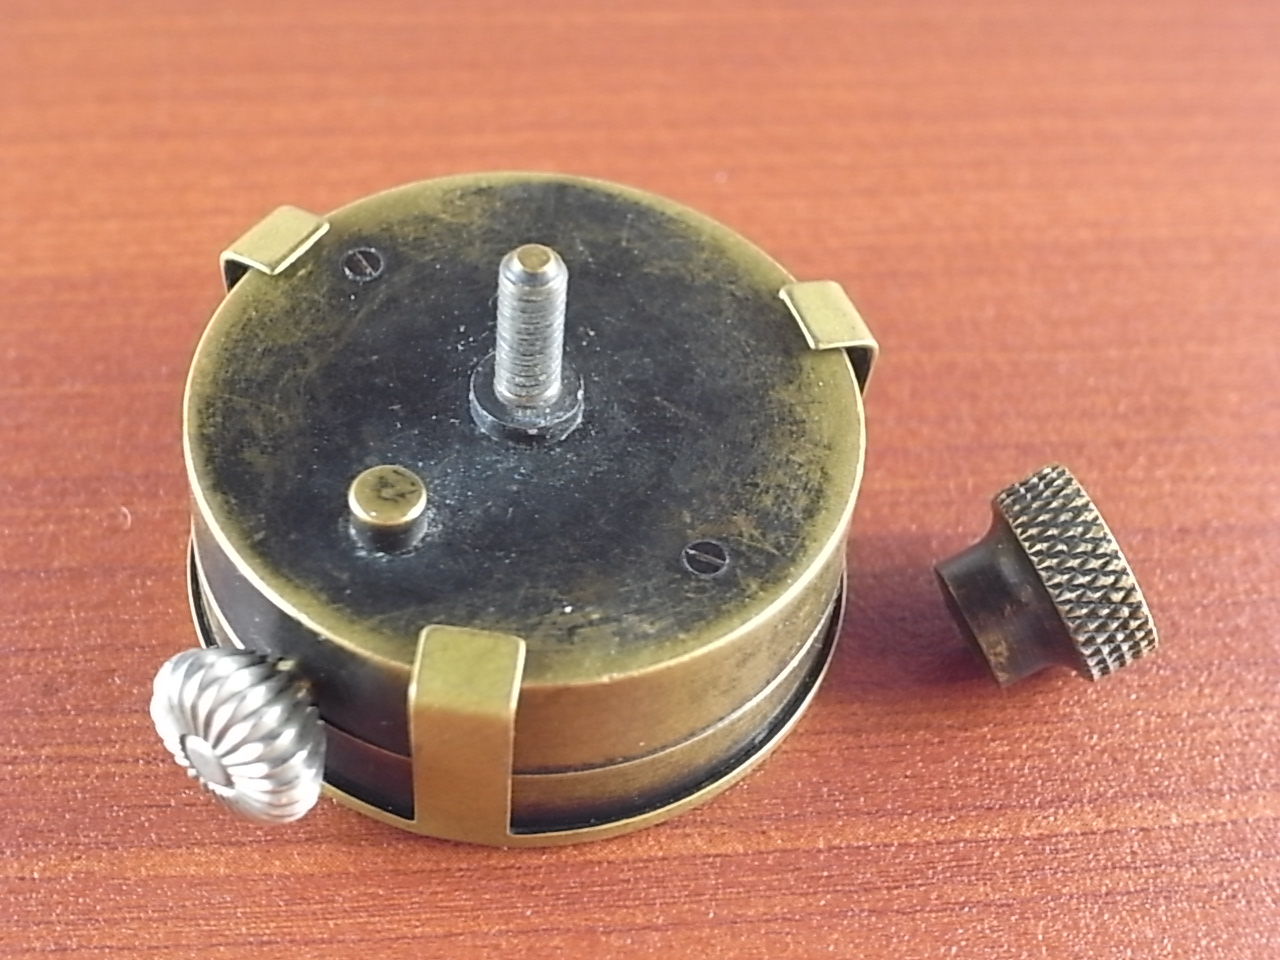 エルジン 米海軍 偵察カメラ用時計 第二次世界大戦 1940年代の写真4枚目